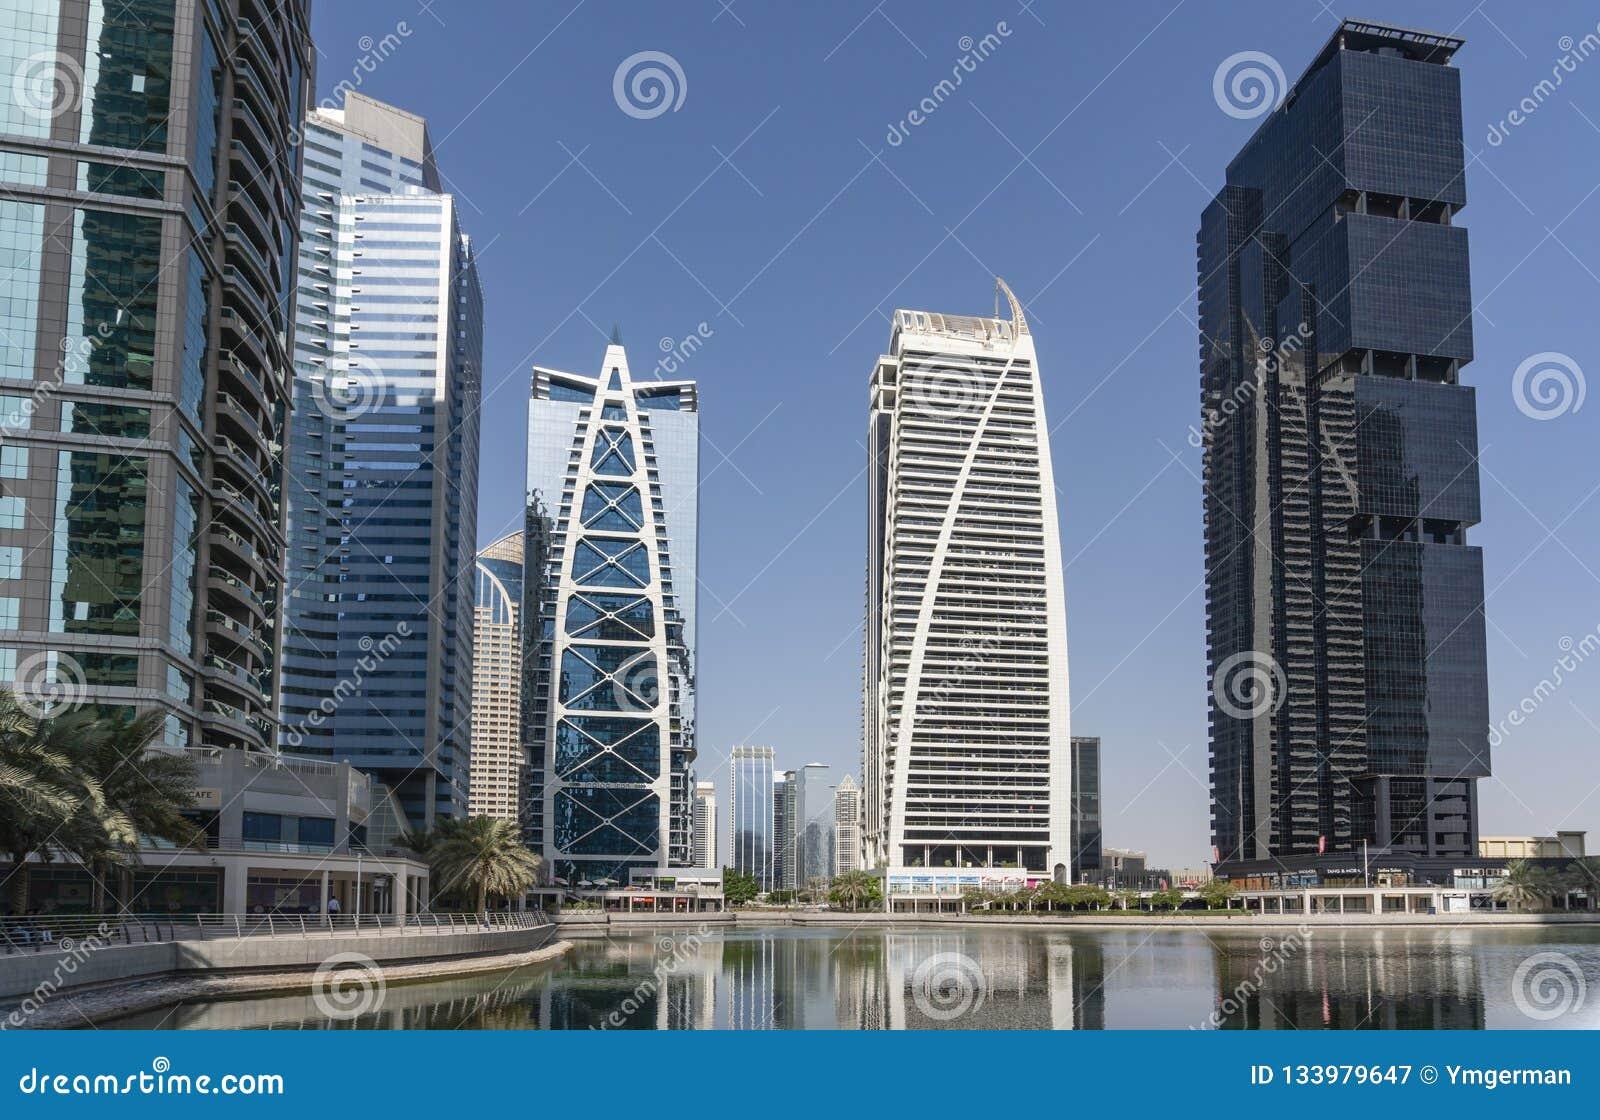 Дубай жилой дом коммерческая недвижимость в португалии